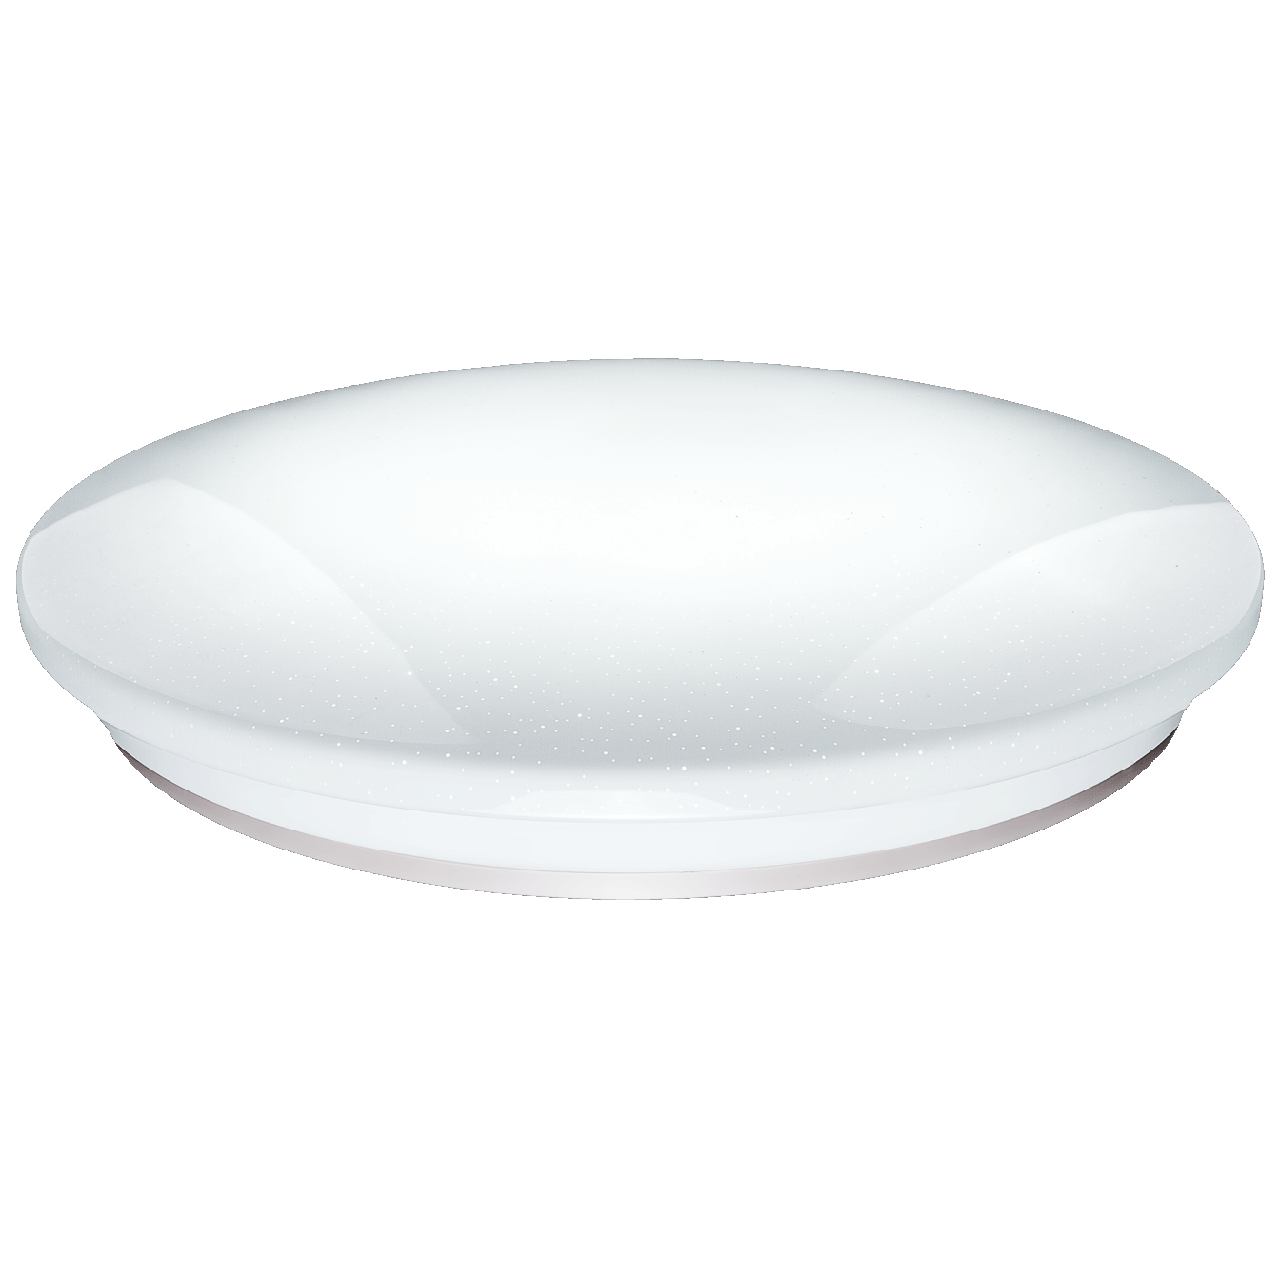 Светодиодный светильник с эффектом страз Ilumia 24Вт, 2800K-6000К (все температуры света), 2000 Лм (068)